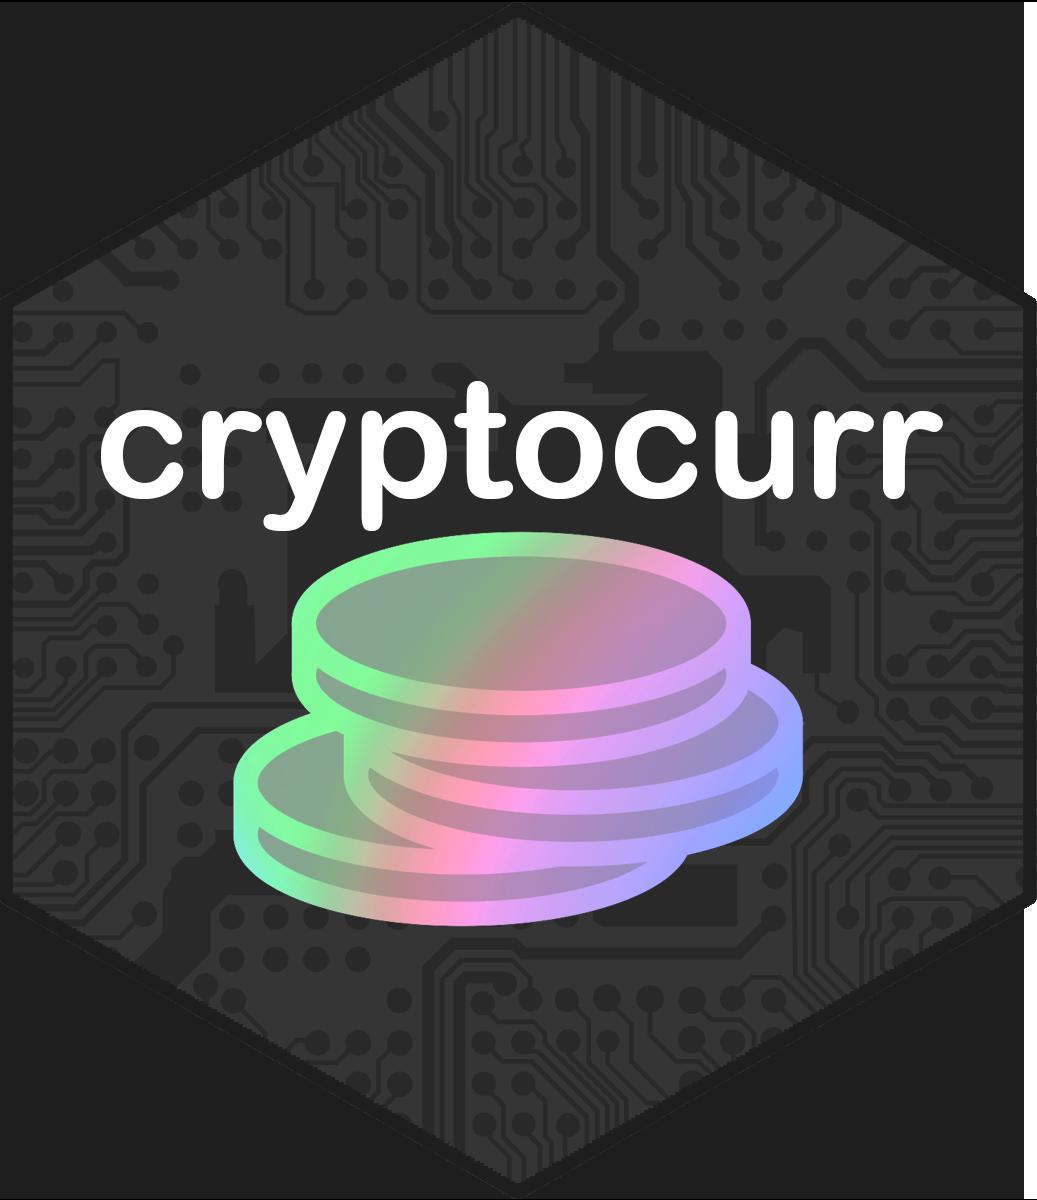 cryptocurr